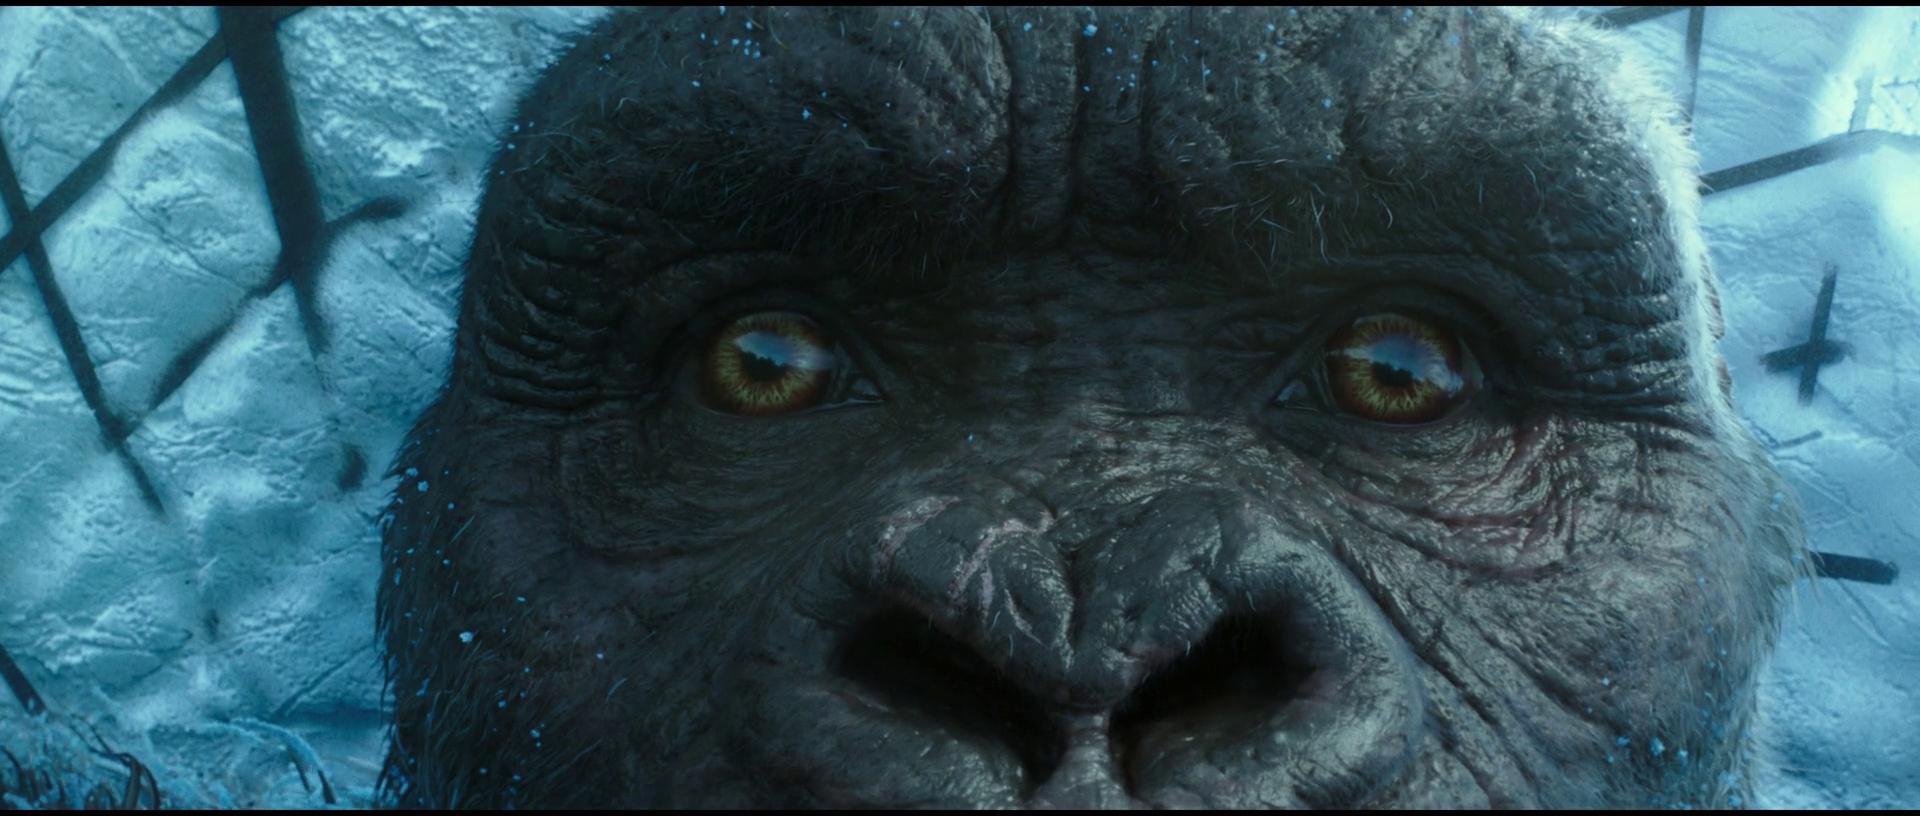 Godzilla-vs-Kong-2021-575